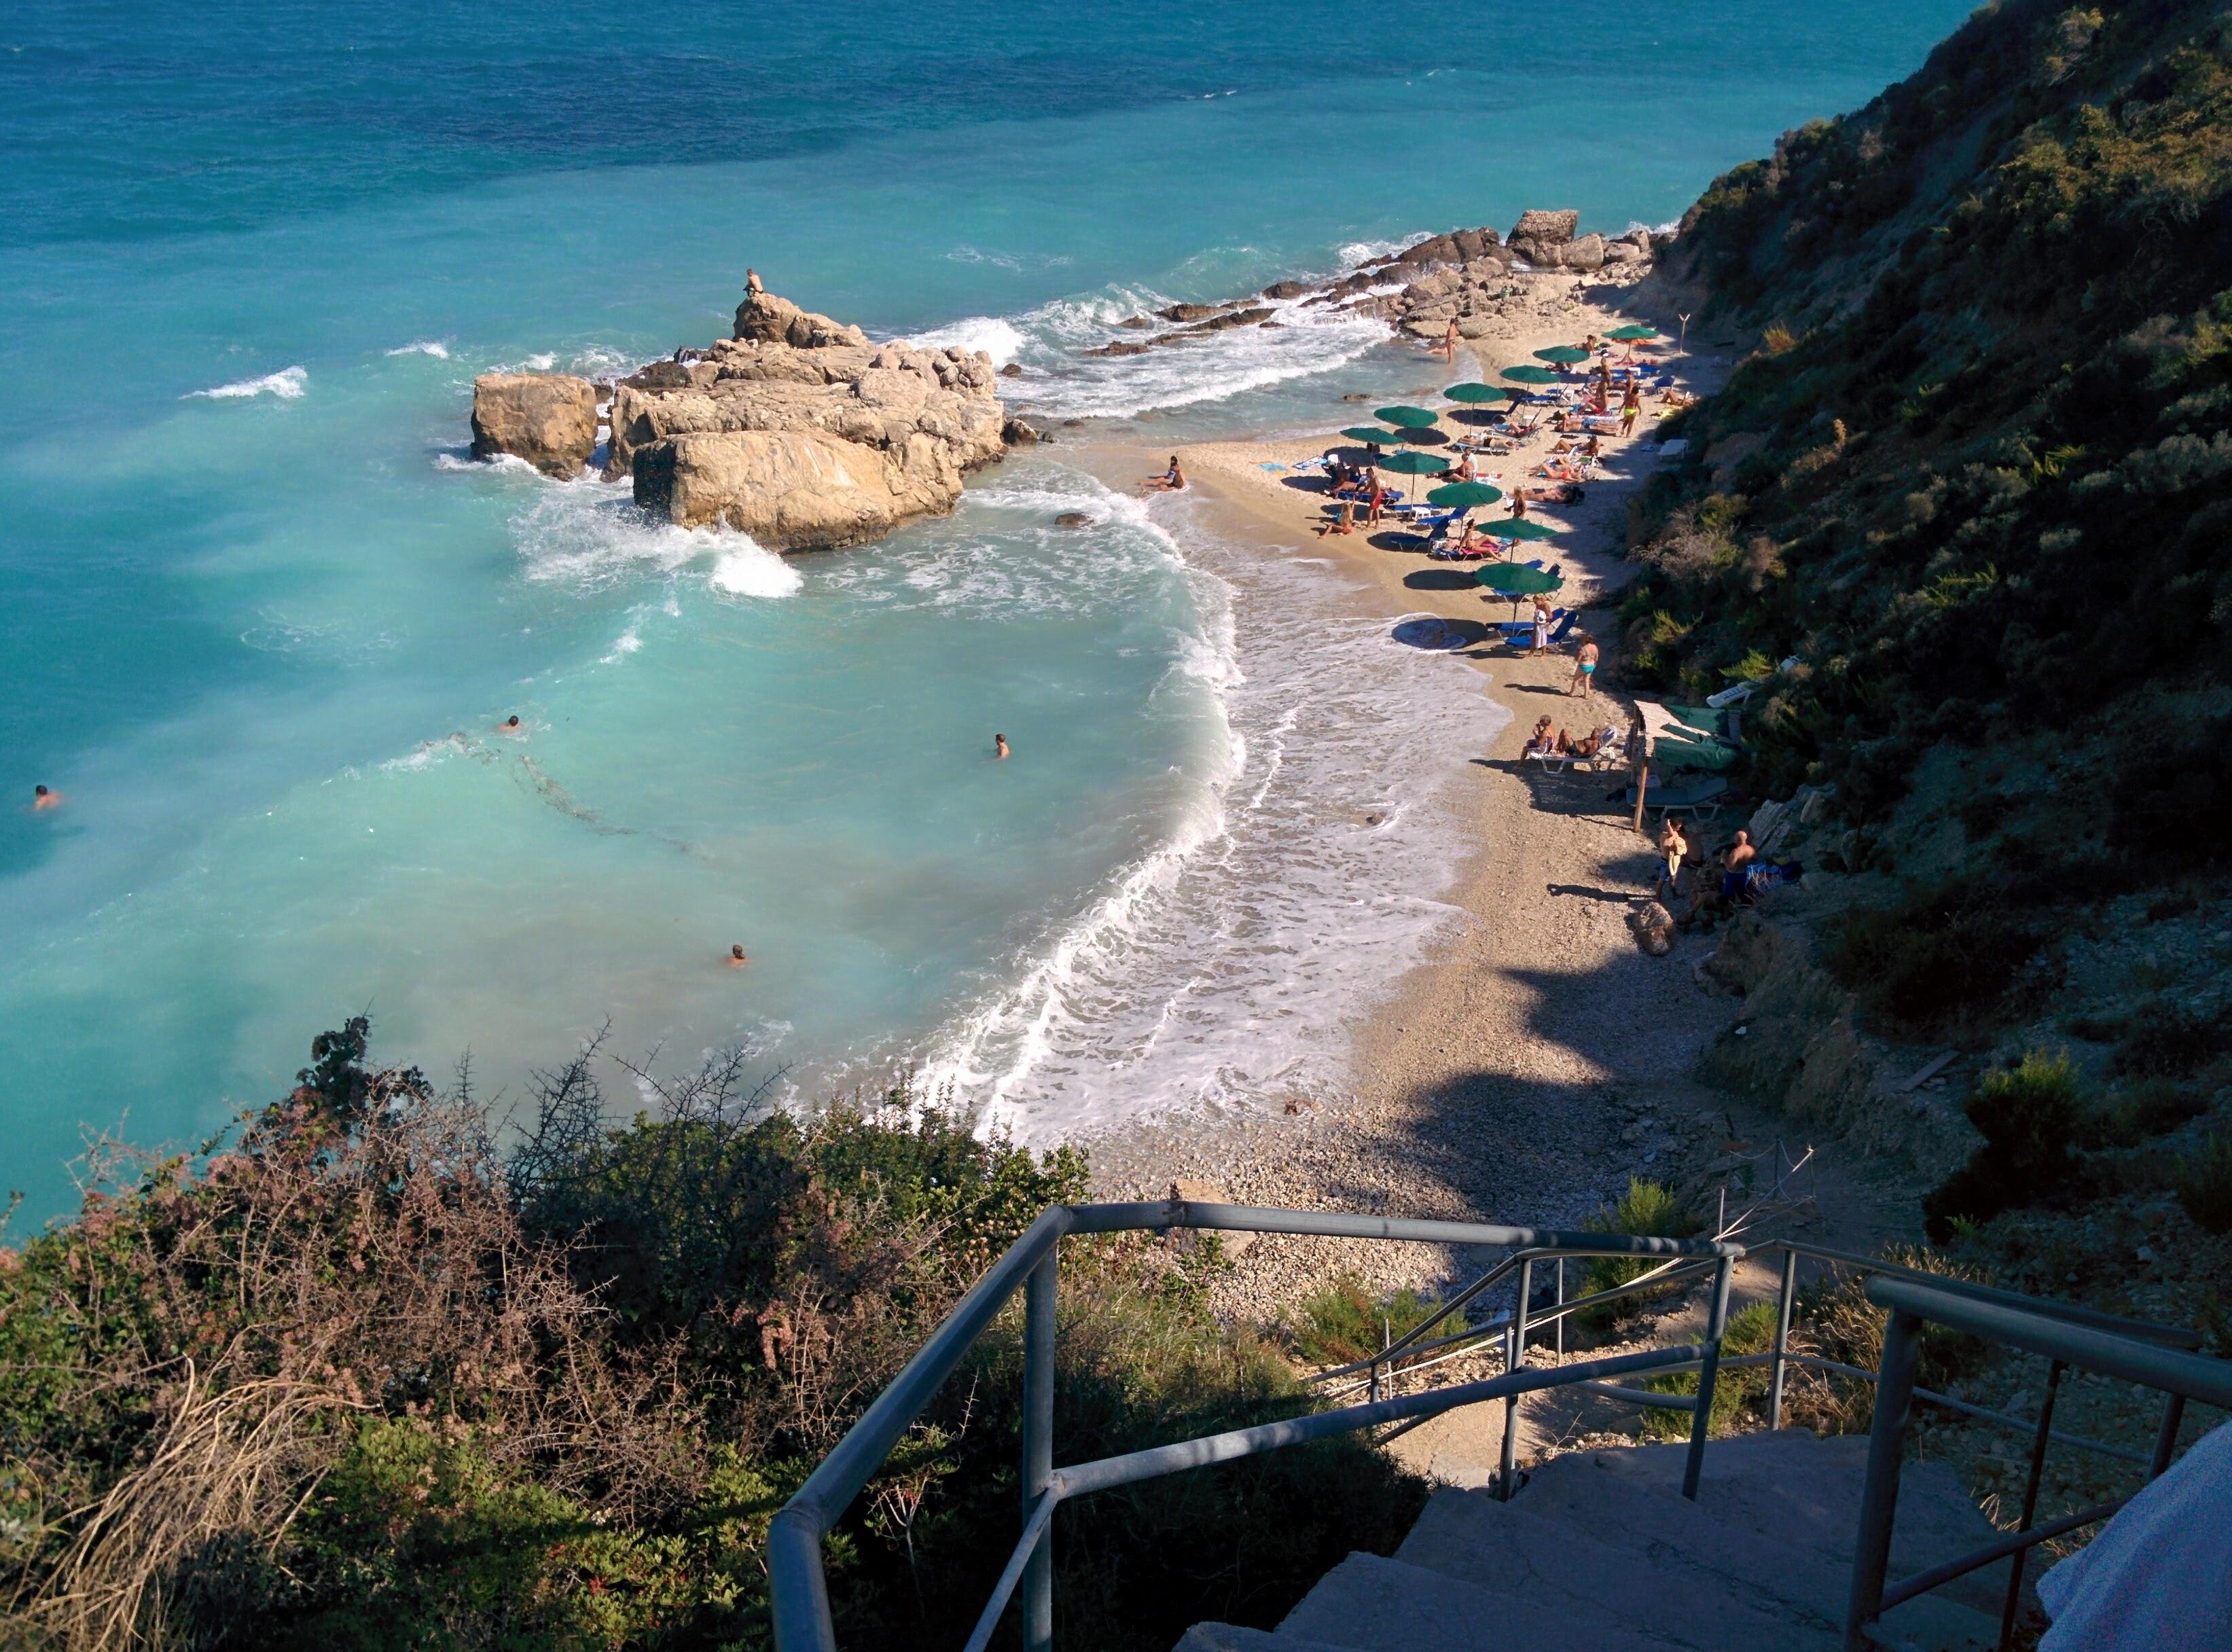 Meraviglie del mare – Spiagge di Zolfo